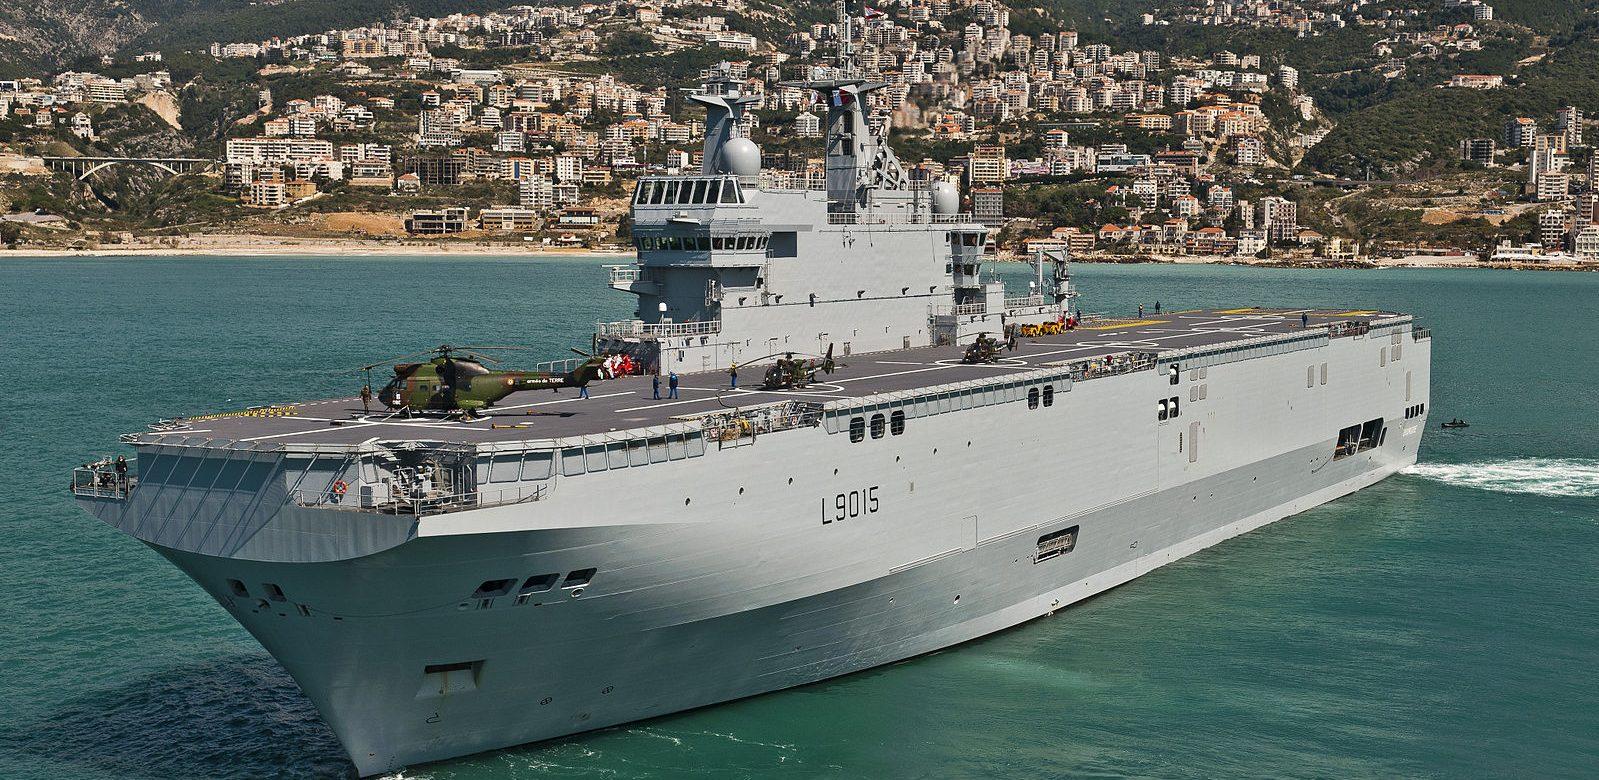 Un porte-hélicoptères construit en France rejoint officiellement les forces navales égyptiennes